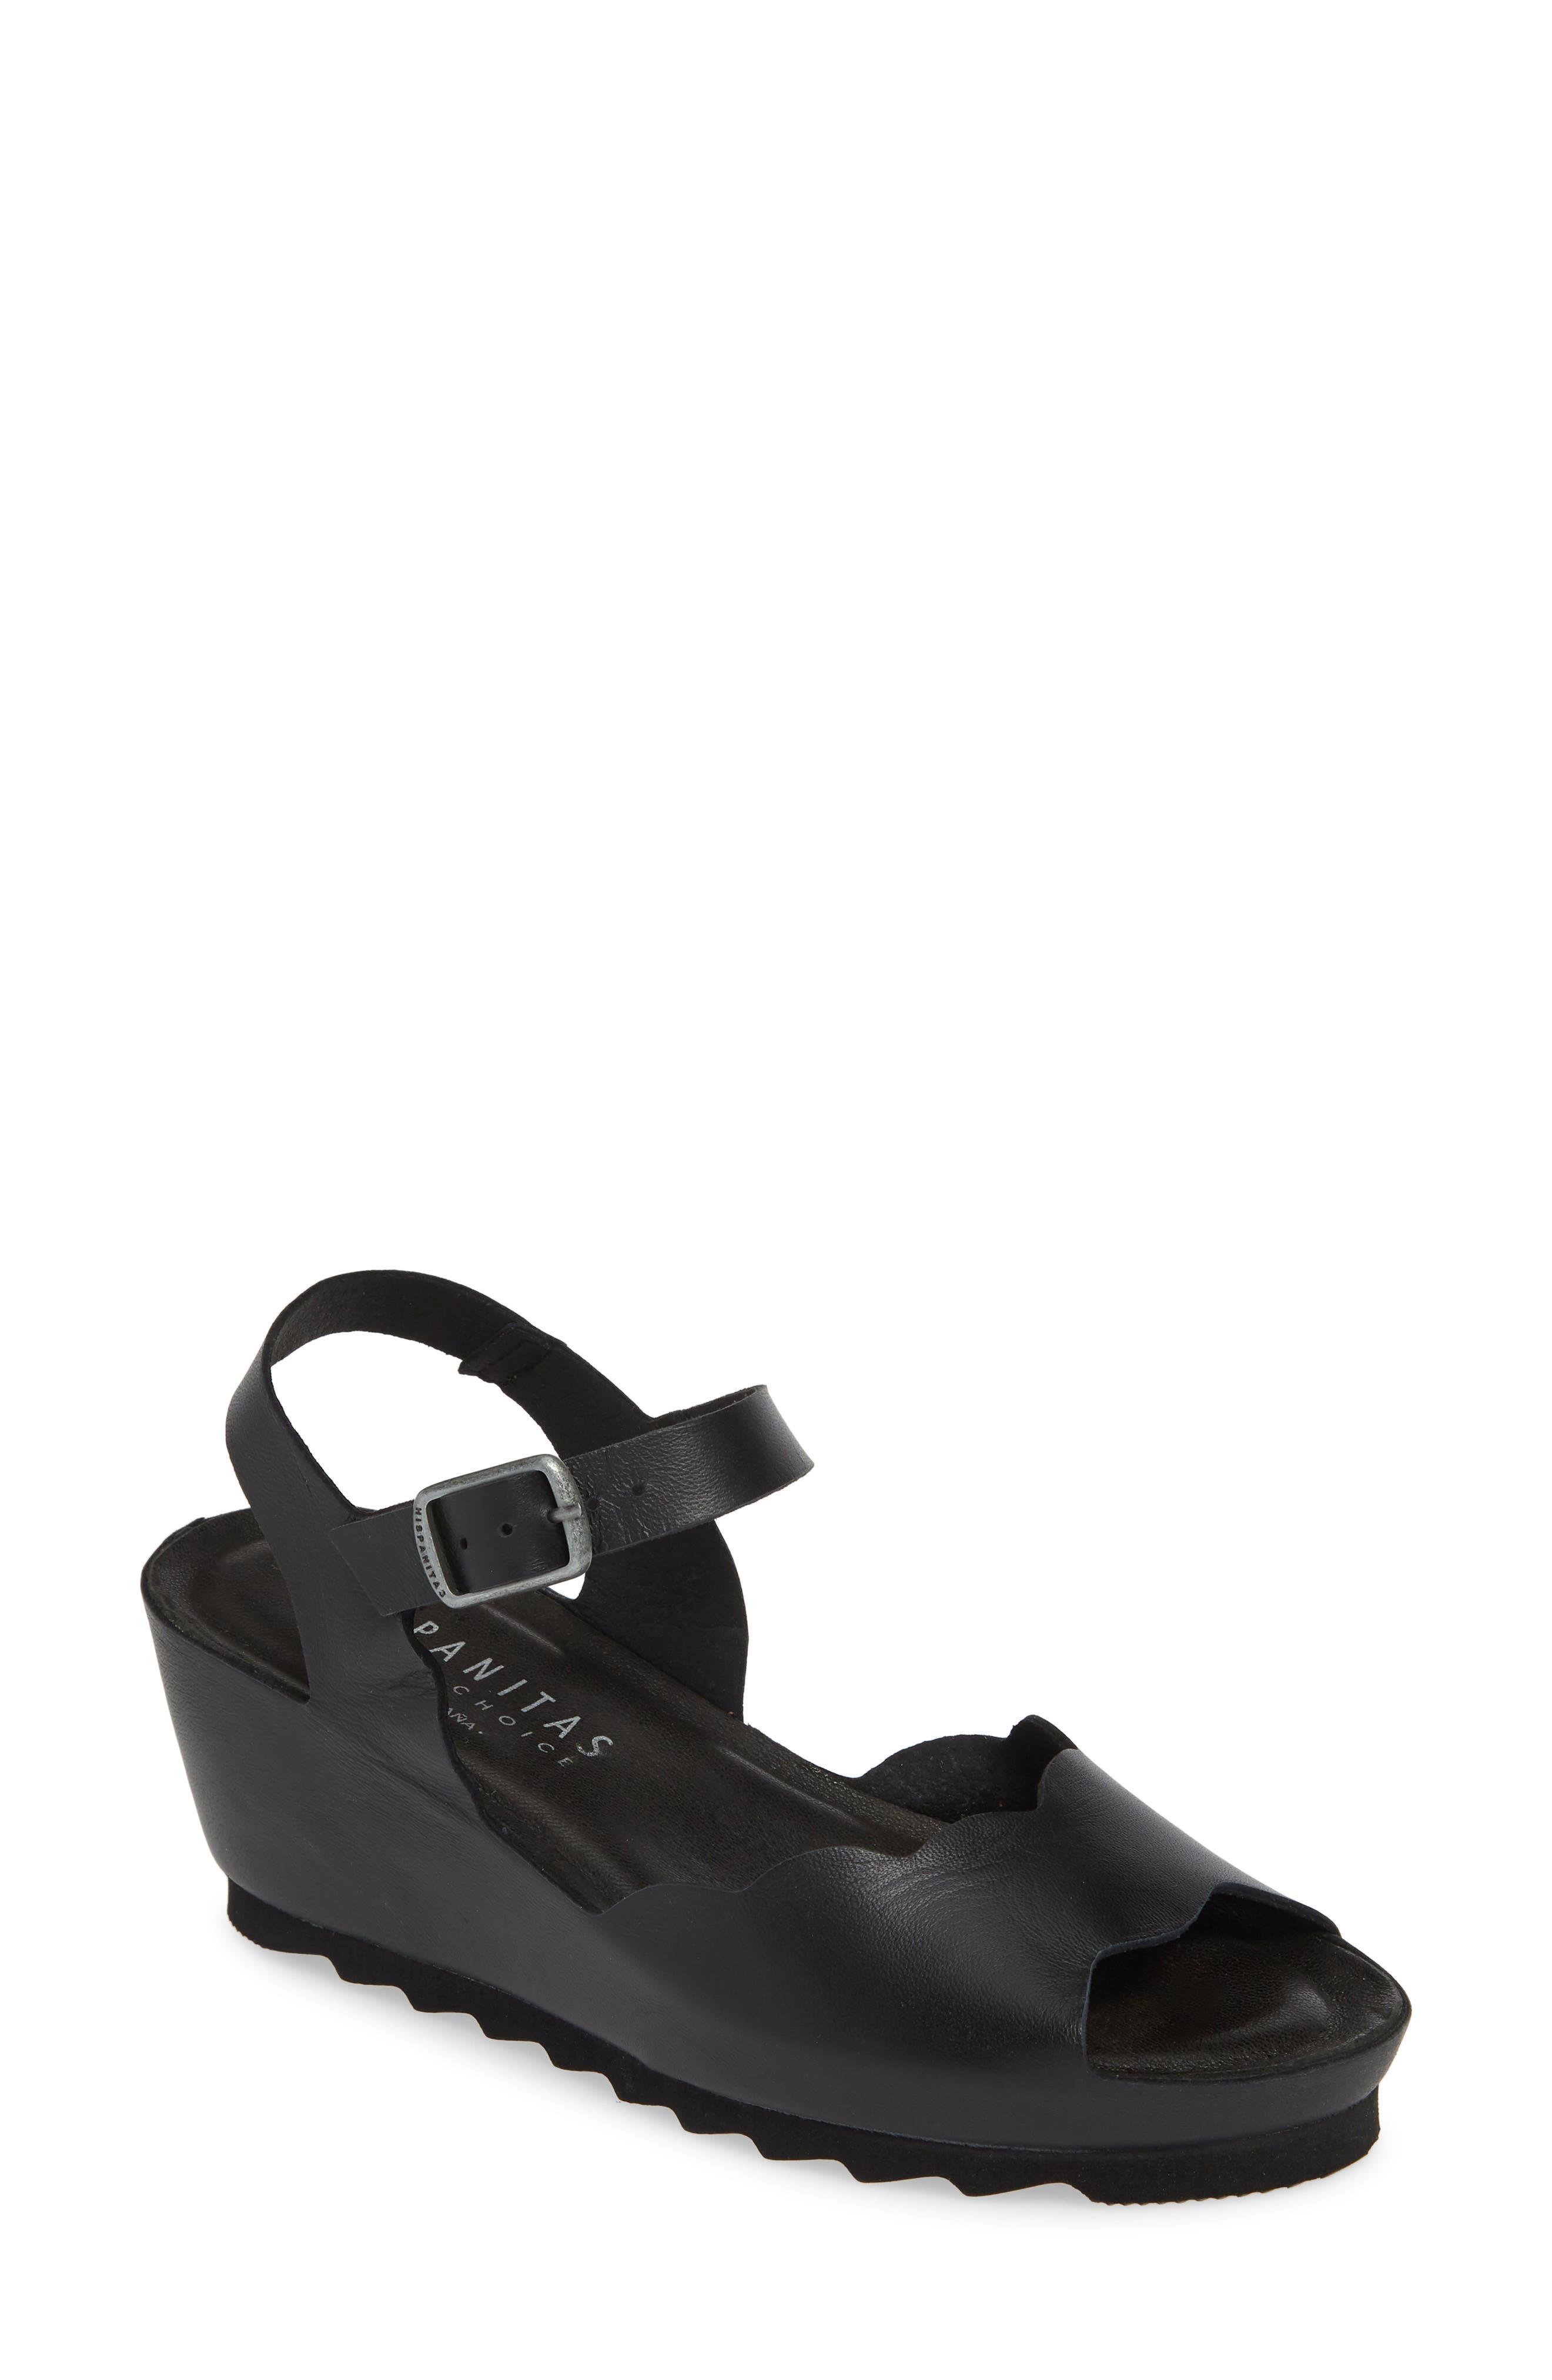 HISPANITAS Vanetta Wedge Sandal, Main, color, NAPA LAM BLACK LEATHER